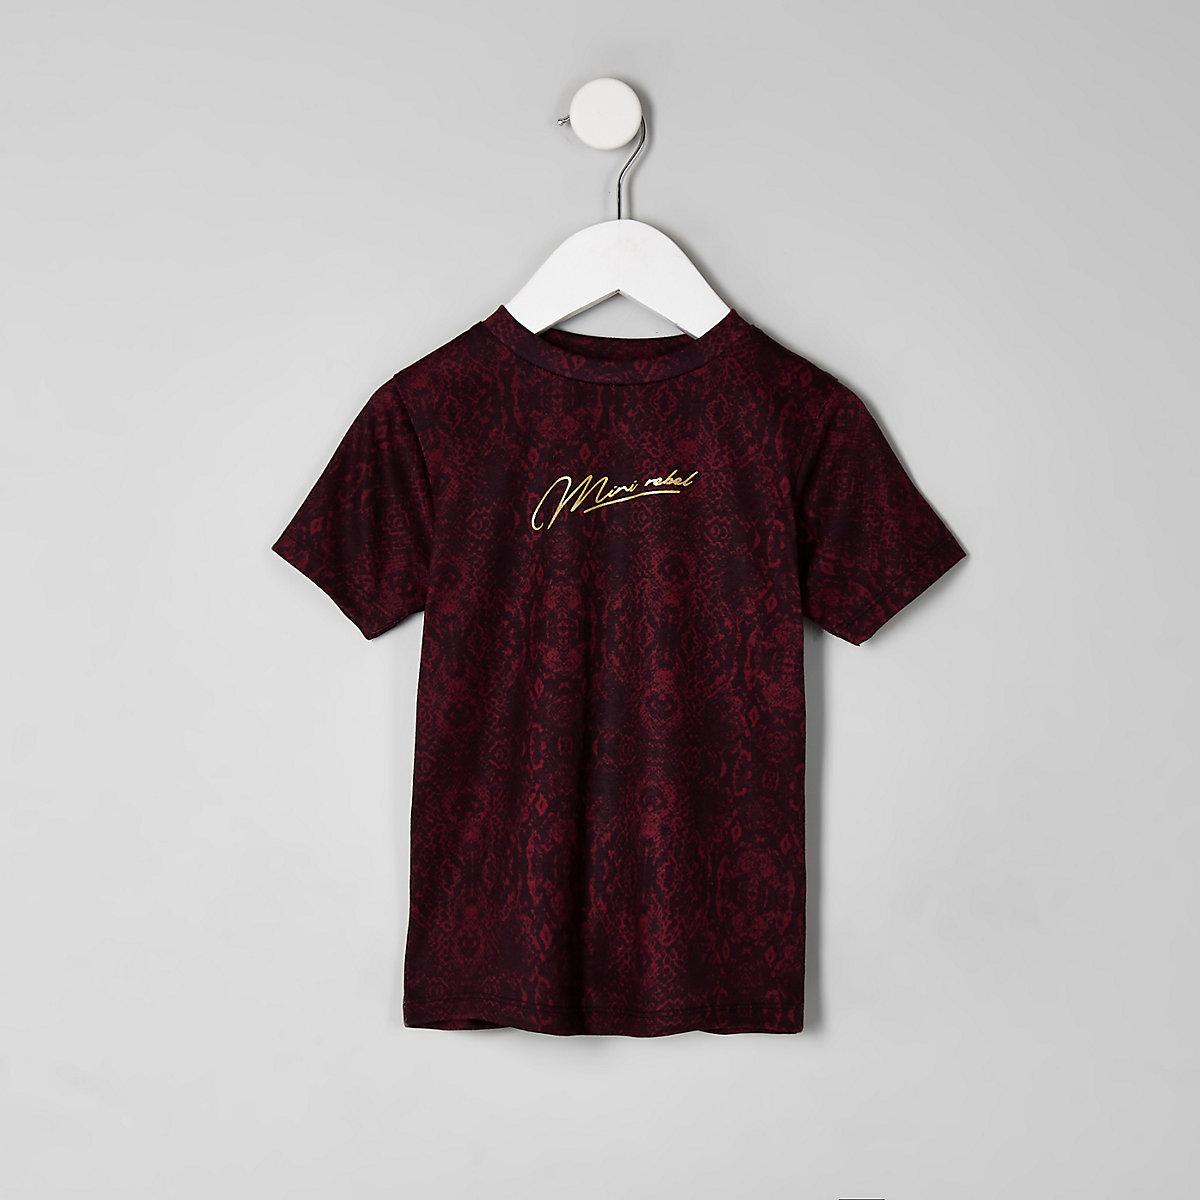 Mini boys burgundy 'Mini rebel' T-shirt